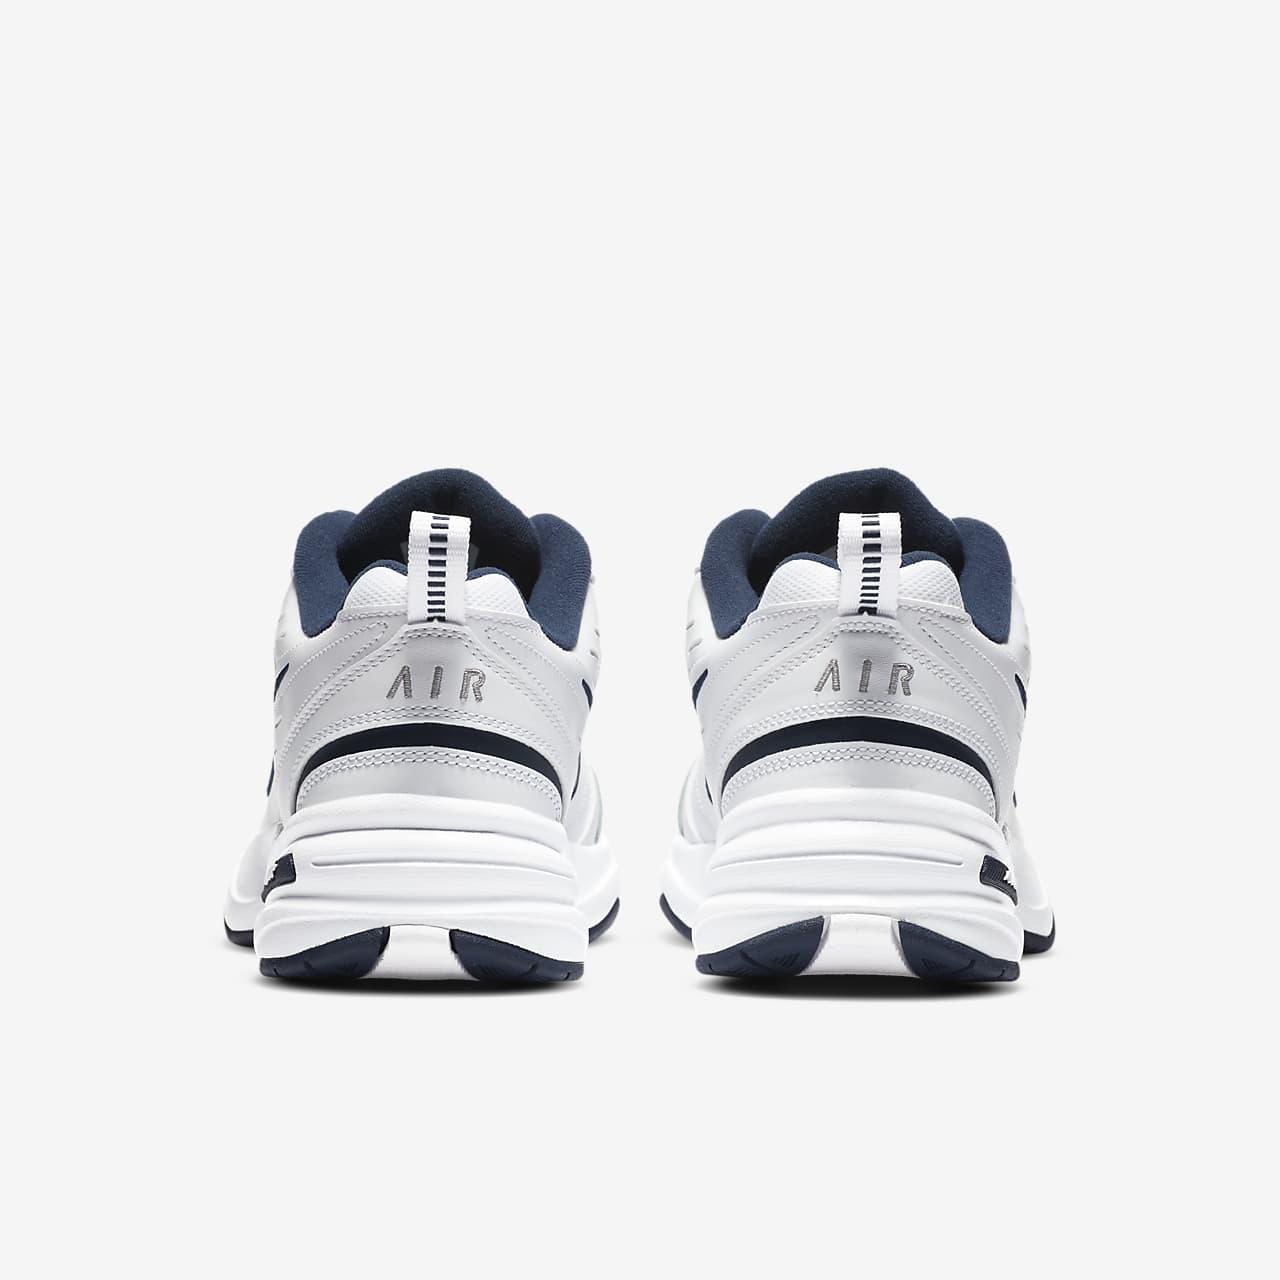 Nike Sportswear AIR MONARCH IV - Baskets basses - white/metallic silver Bas Prix Rabais Jeu À La Recherche De Achats En Ligne Jeu Acheter Pas Cher Livraison Rapide Livraison Rapide Pas Cher Rf8vPT55z6